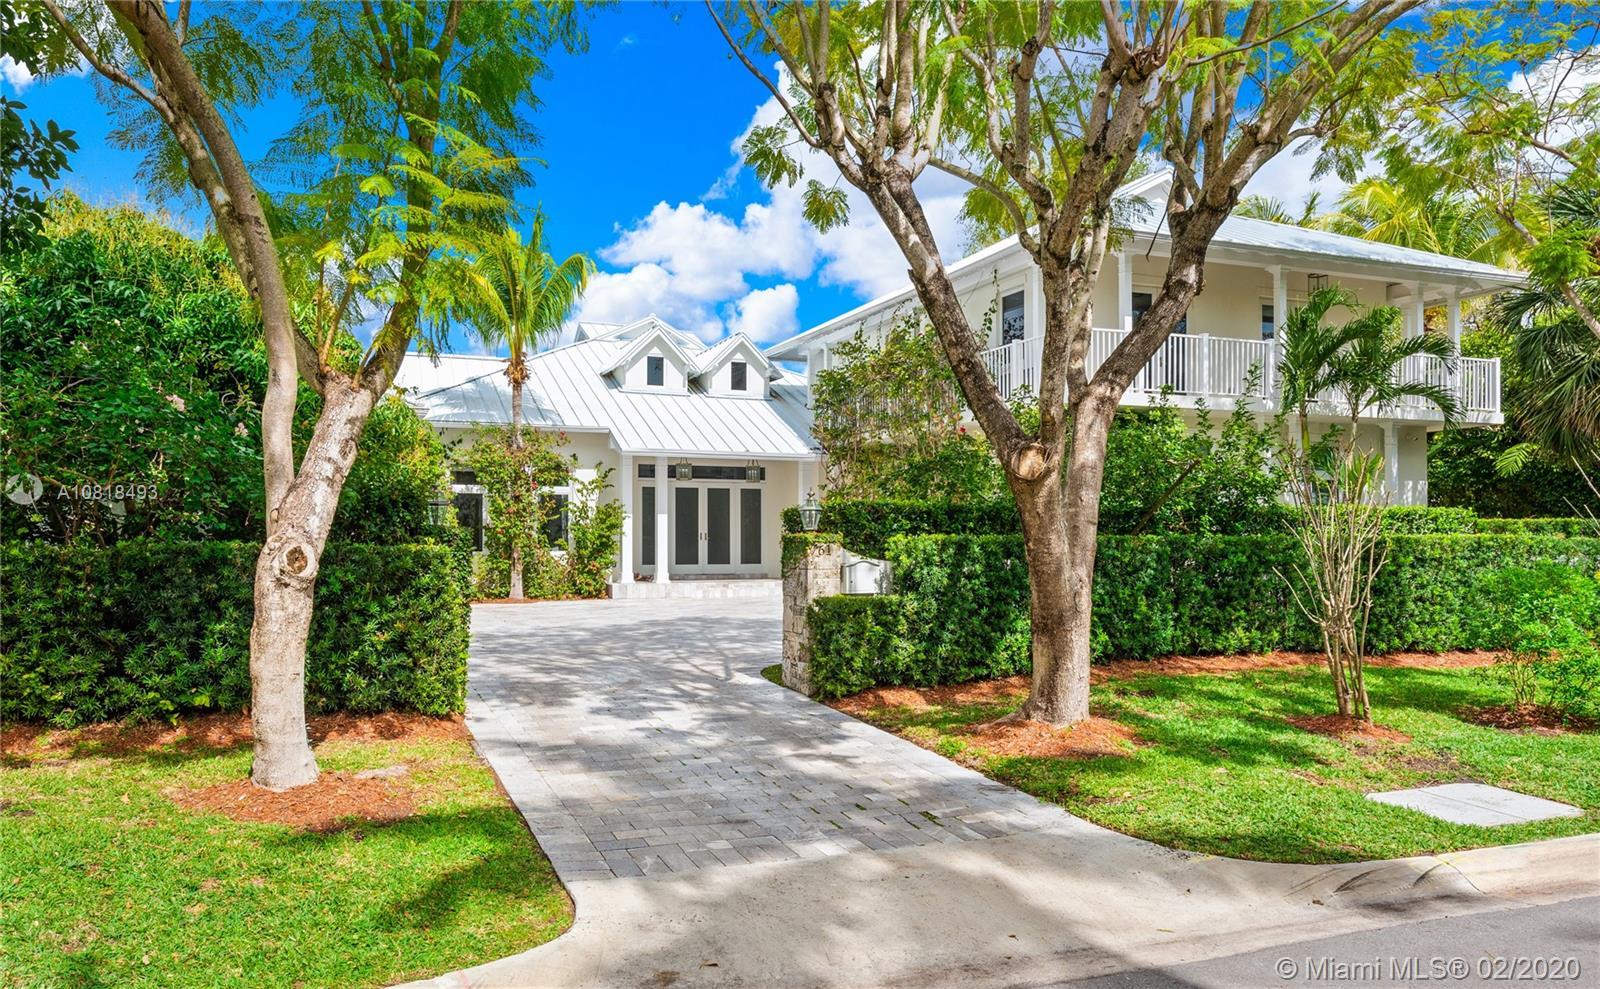 761 Buttonwood Ln - Miami, Florida